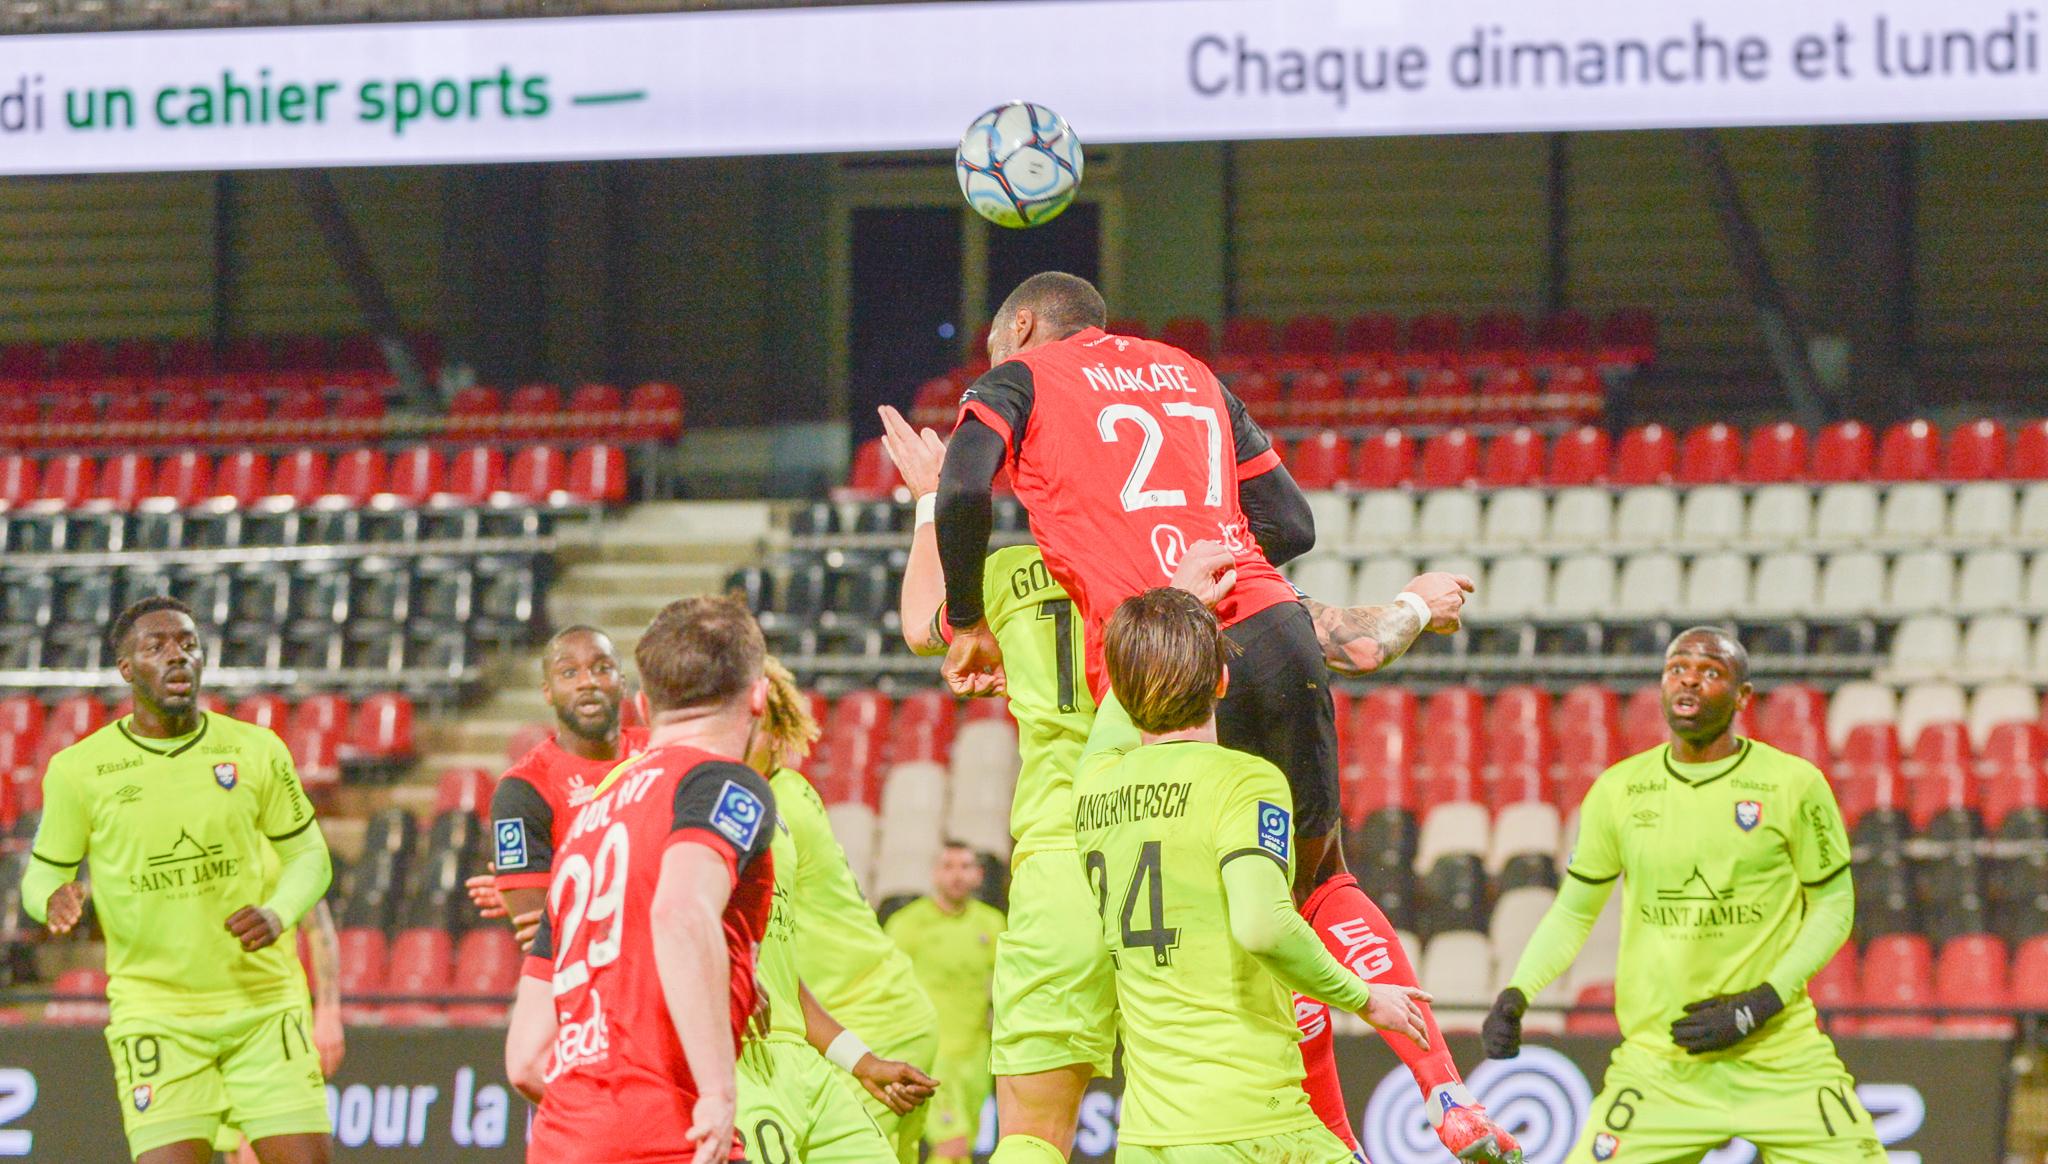 28 EA Guingamp SM Caen 2-2 Ligue 2 BKT Journée 26 2020-21 22 02 2021 EAGSMC